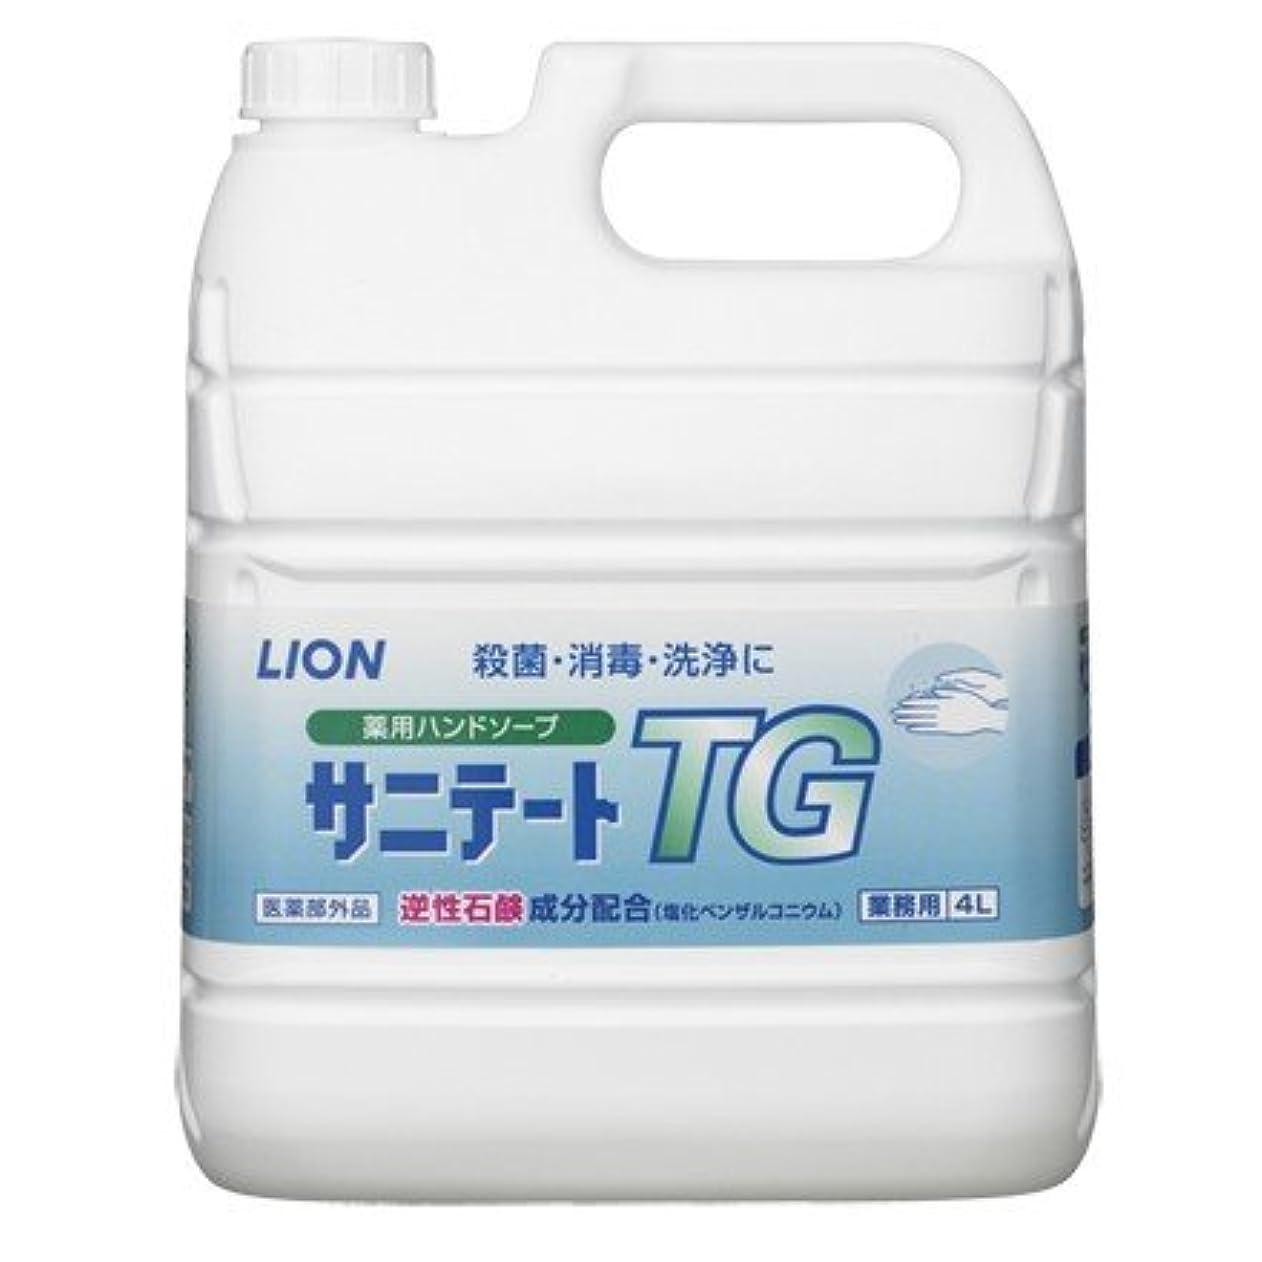 下向き好戦的な連帯ライオン 薬用ハンドソープ サニテートTG 希釈タイプ(逆性石鹸)4L×2本入